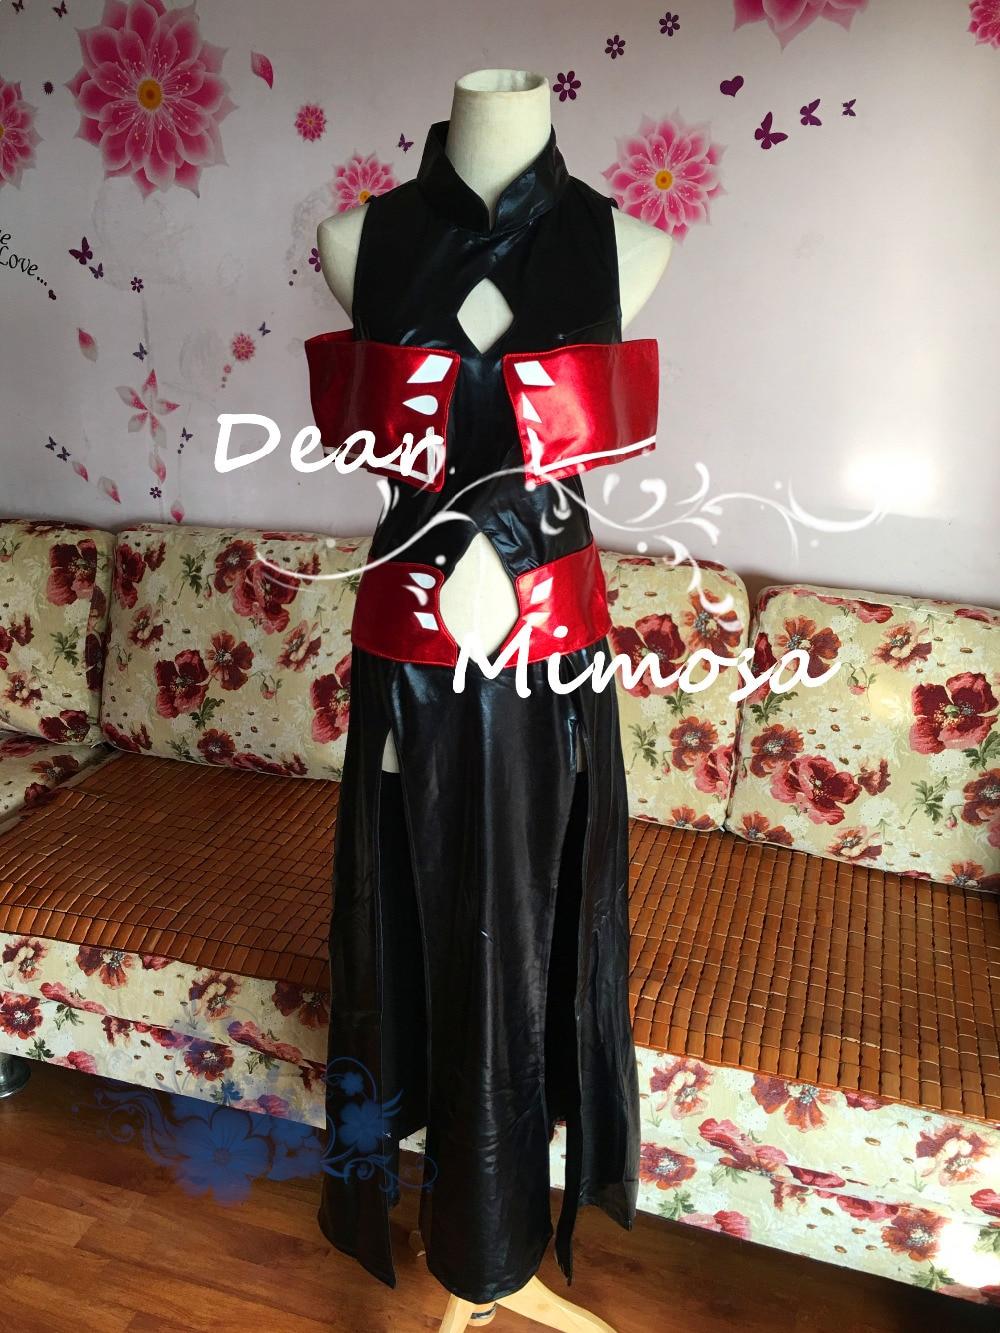 Не netoge нет YOME ва onnanoko JA Най в omotta Ако Тамаки черный Халат изготовление размеров под заказ форма Косплэй костюм Бесплатная доставка